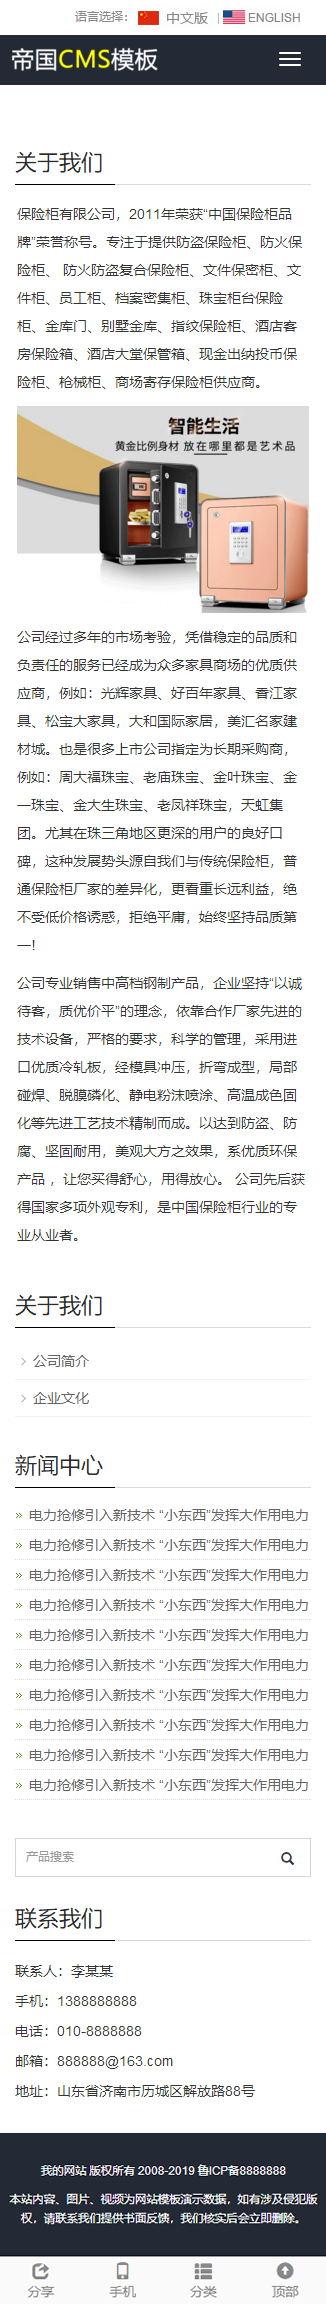 帝国CMS中英文双语响应式自适应通用公司企业网站模板_手机版单页